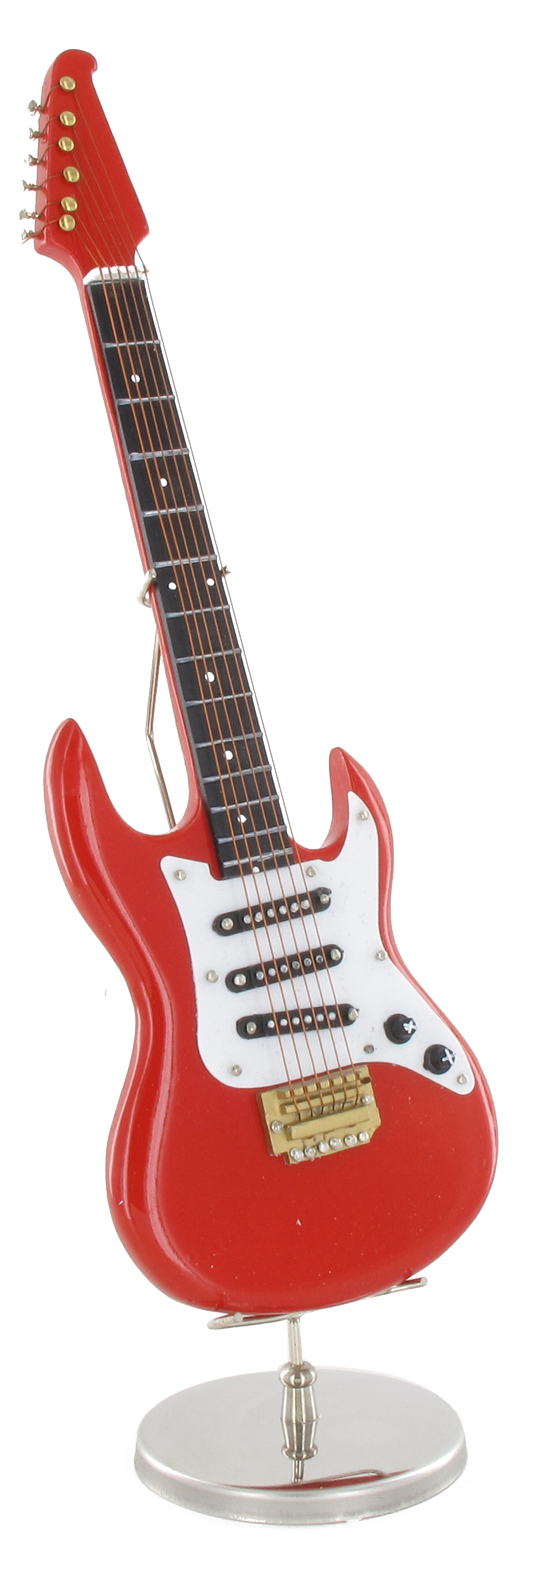 guitare lectrique rouge machinegun. Black Bedroom Furniture Sets. Home Design Ideas